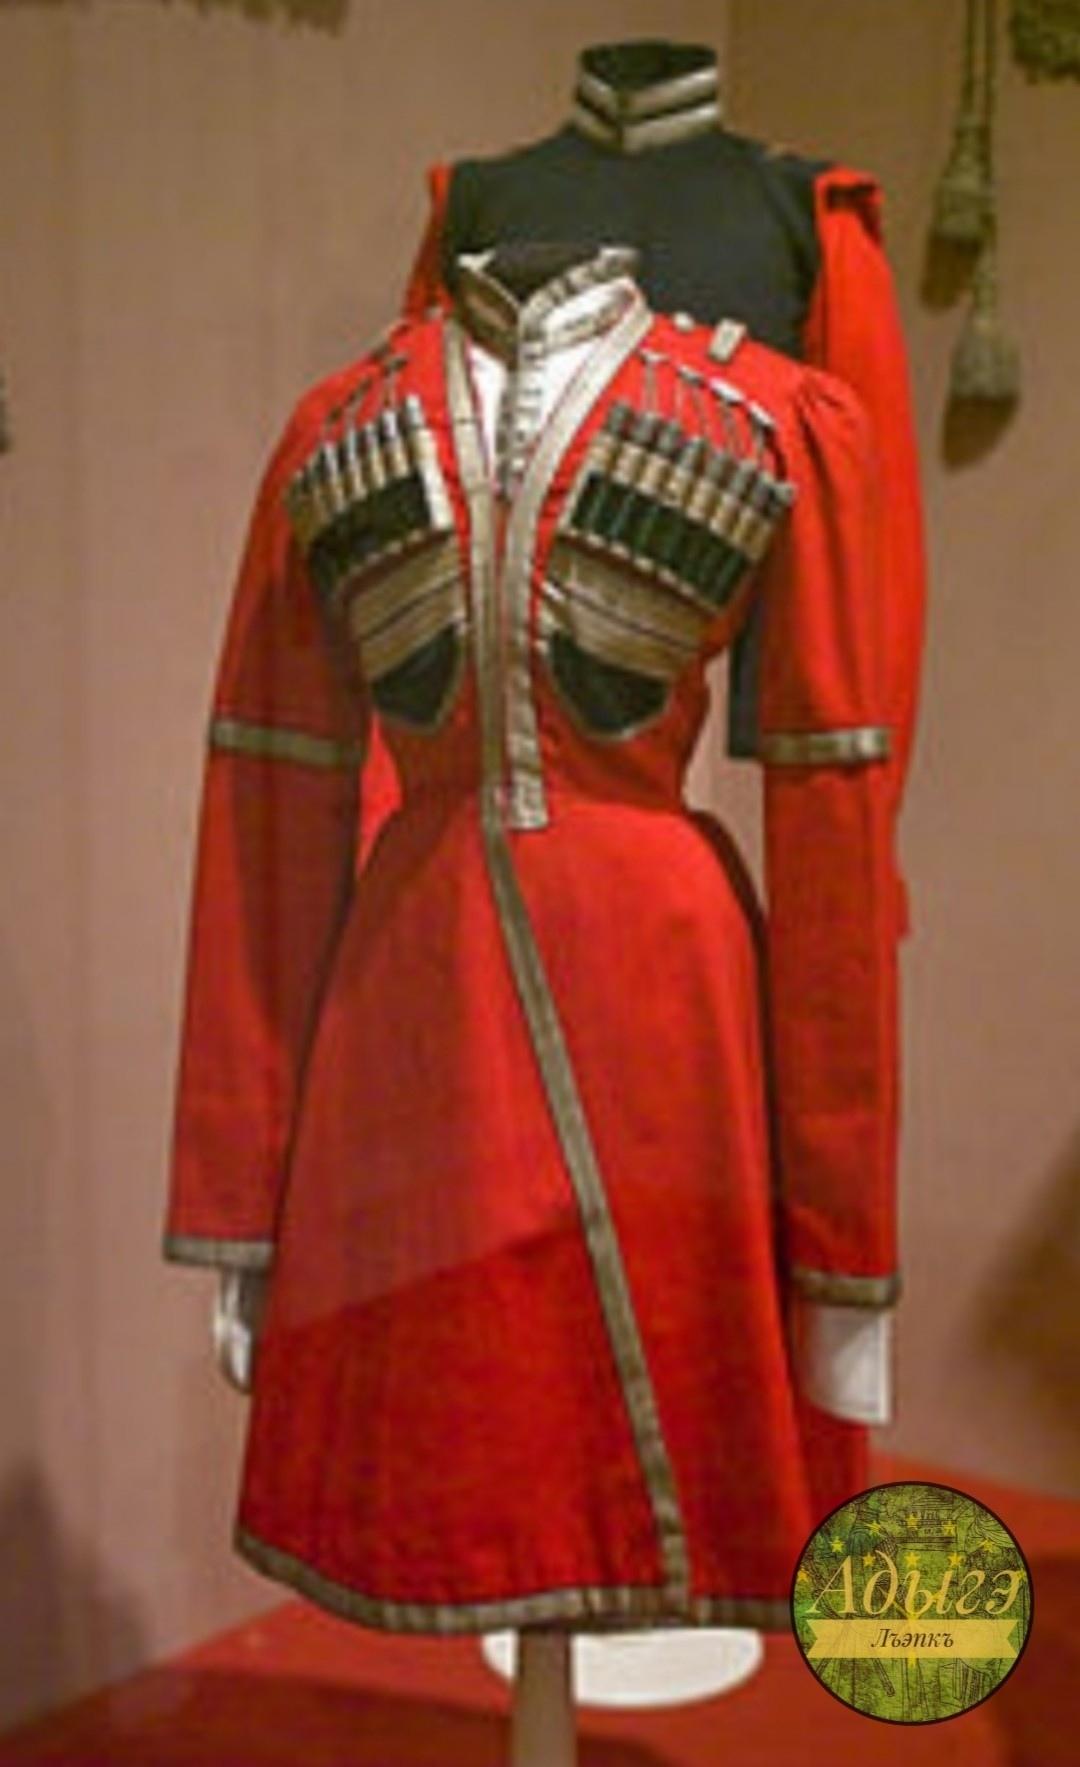 Черкеску носили черкесы (адыги) или все народы Кавказа?